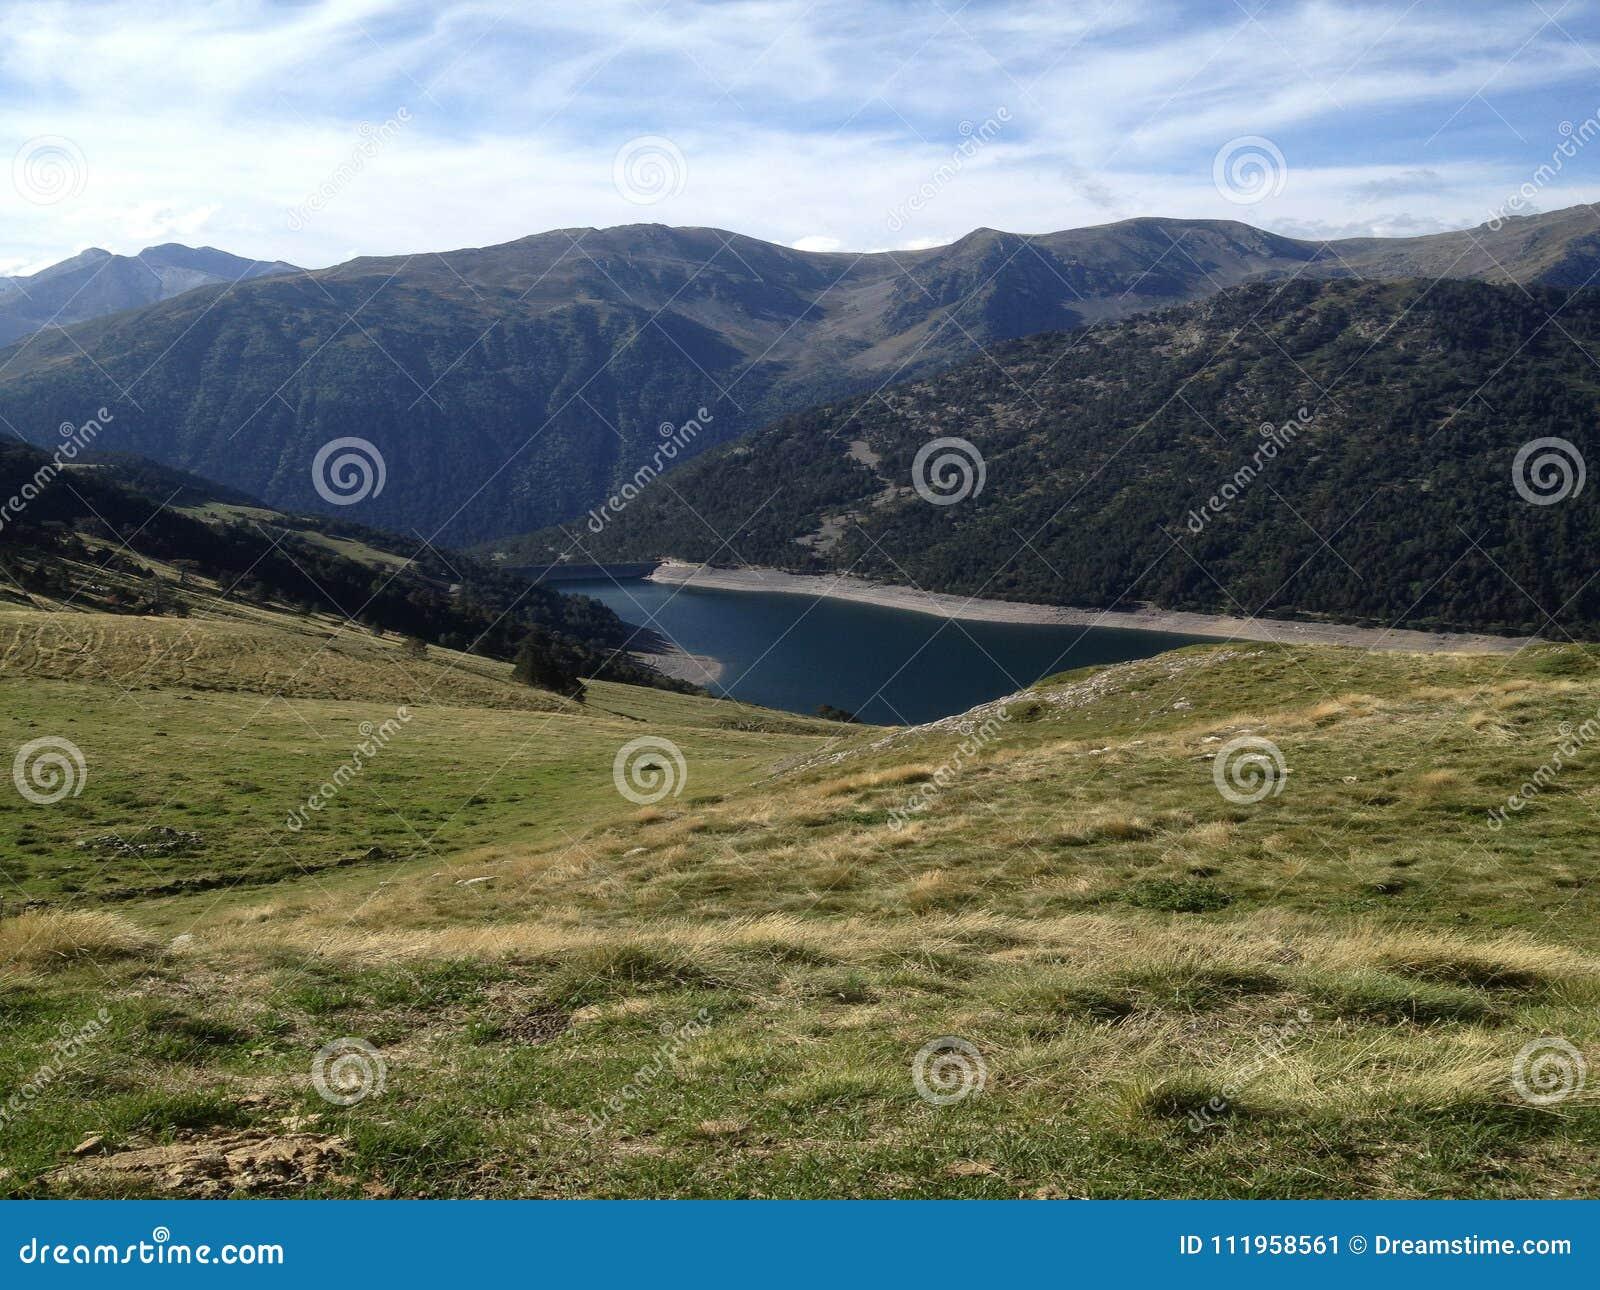 Gesehene Seen Des drei in der Reserve hohen Pyrenäen-neouvielle Frankreich, seine Berge